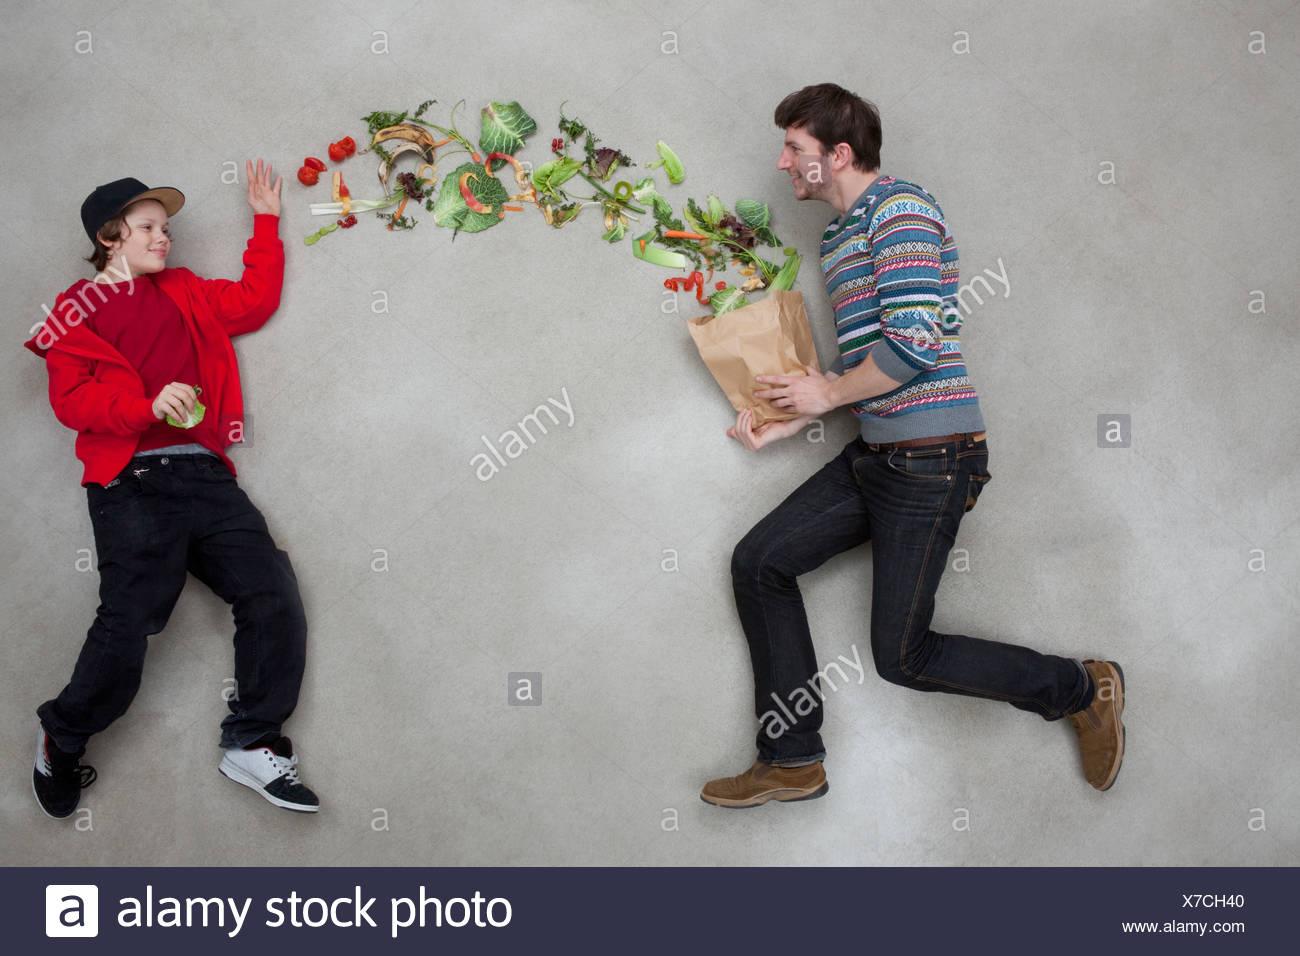 El hombre y el muchacho equilibrando las verduras Imagen De Stock